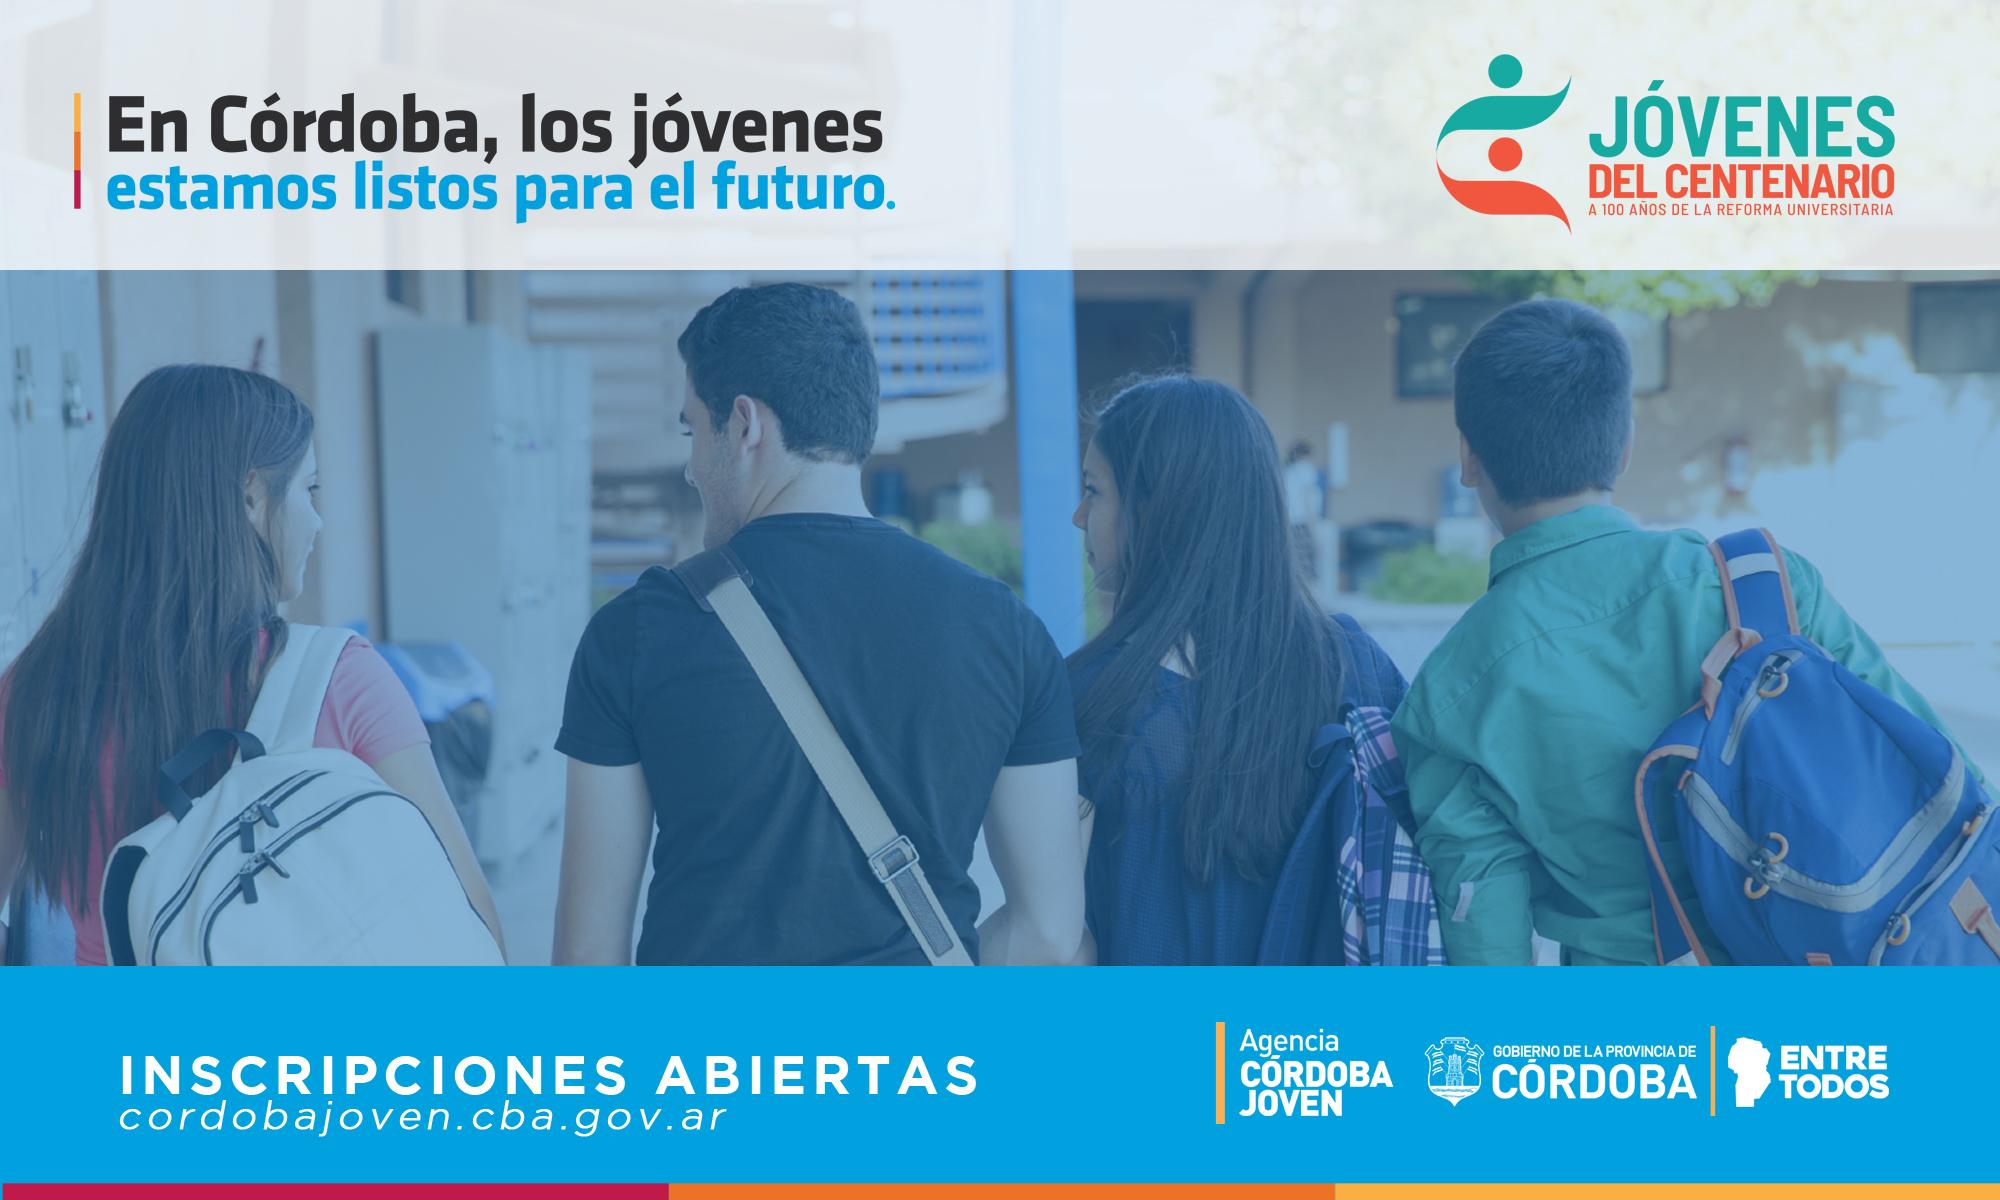 Programa de apoyo económico para jóvenes universitarios | UPC